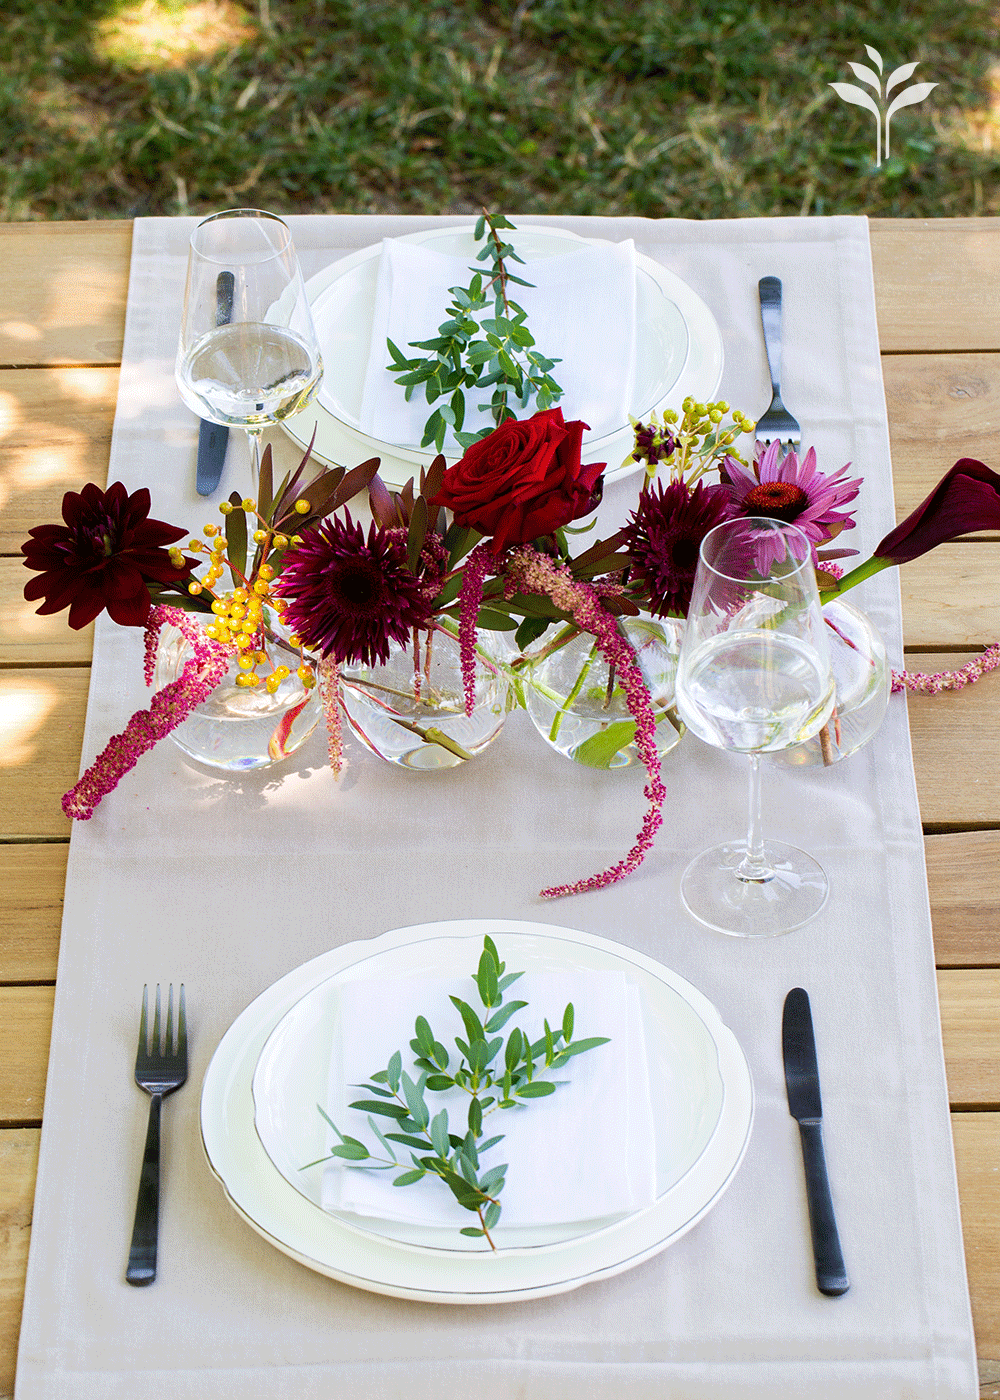 Dahlia centerpiece avec des roses, wax flower et plantes